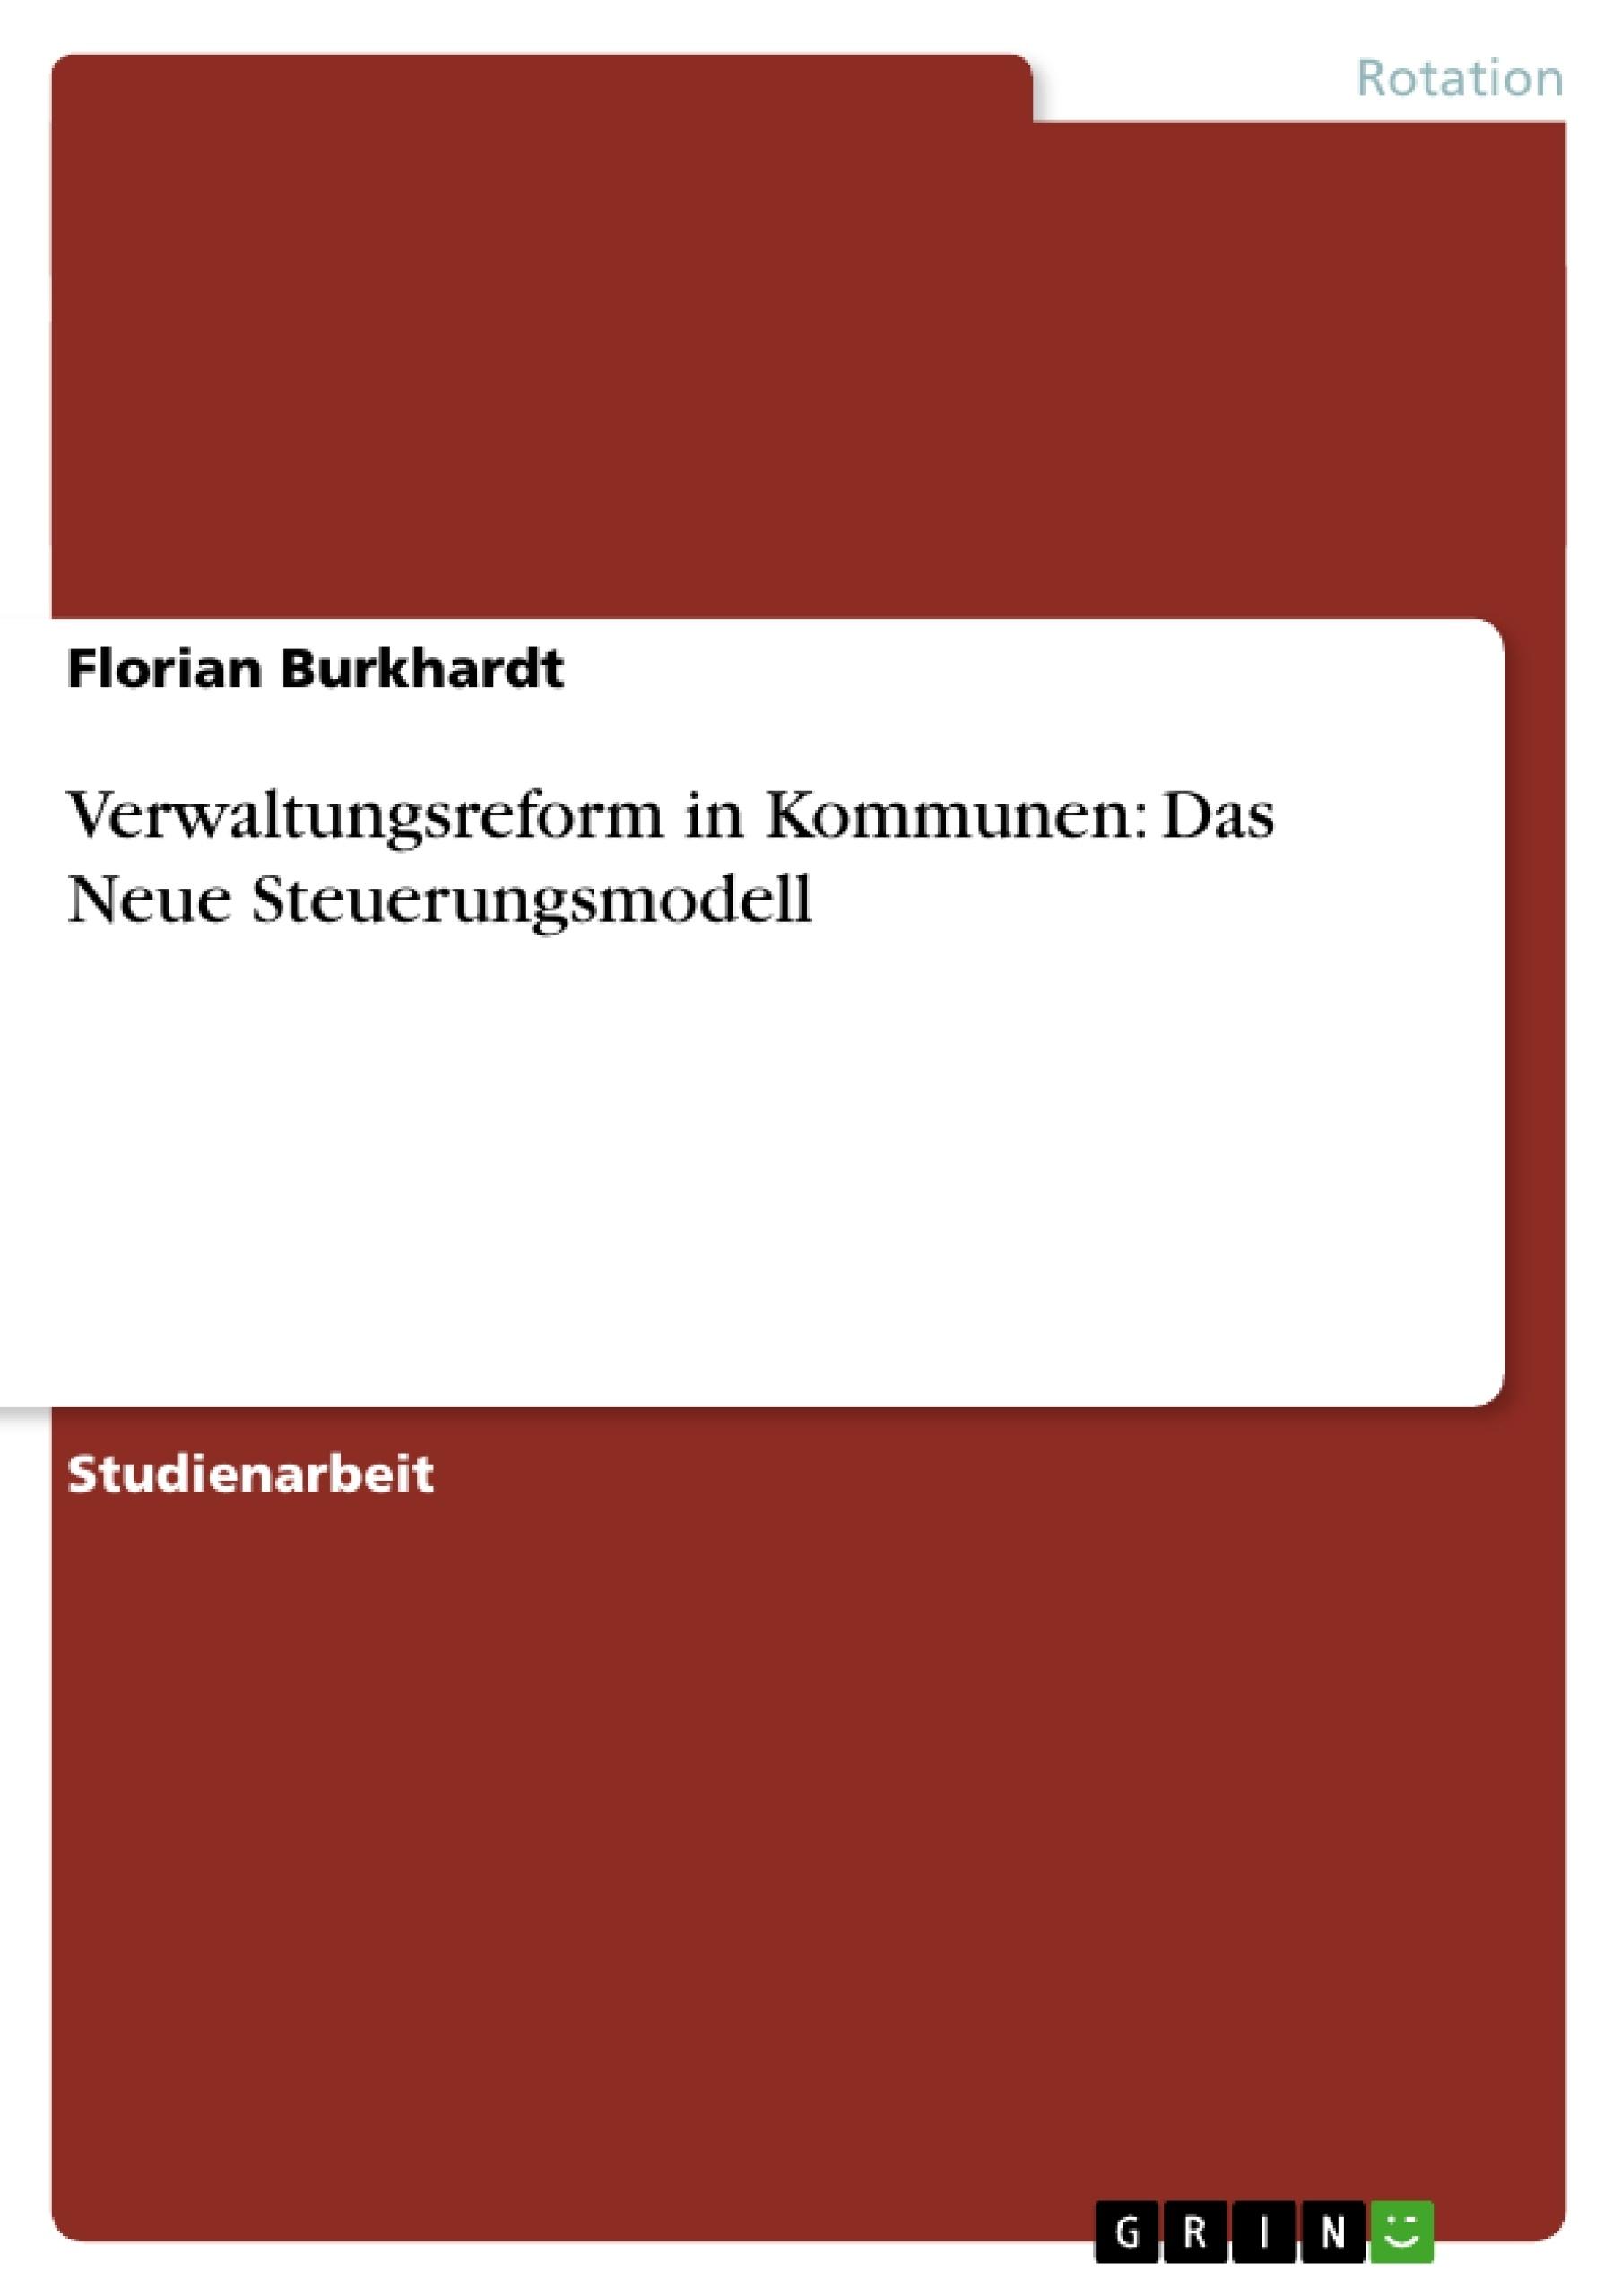 Titel: Verwaltungsreform in Kommunen: Das Neue Steuerungsmodell